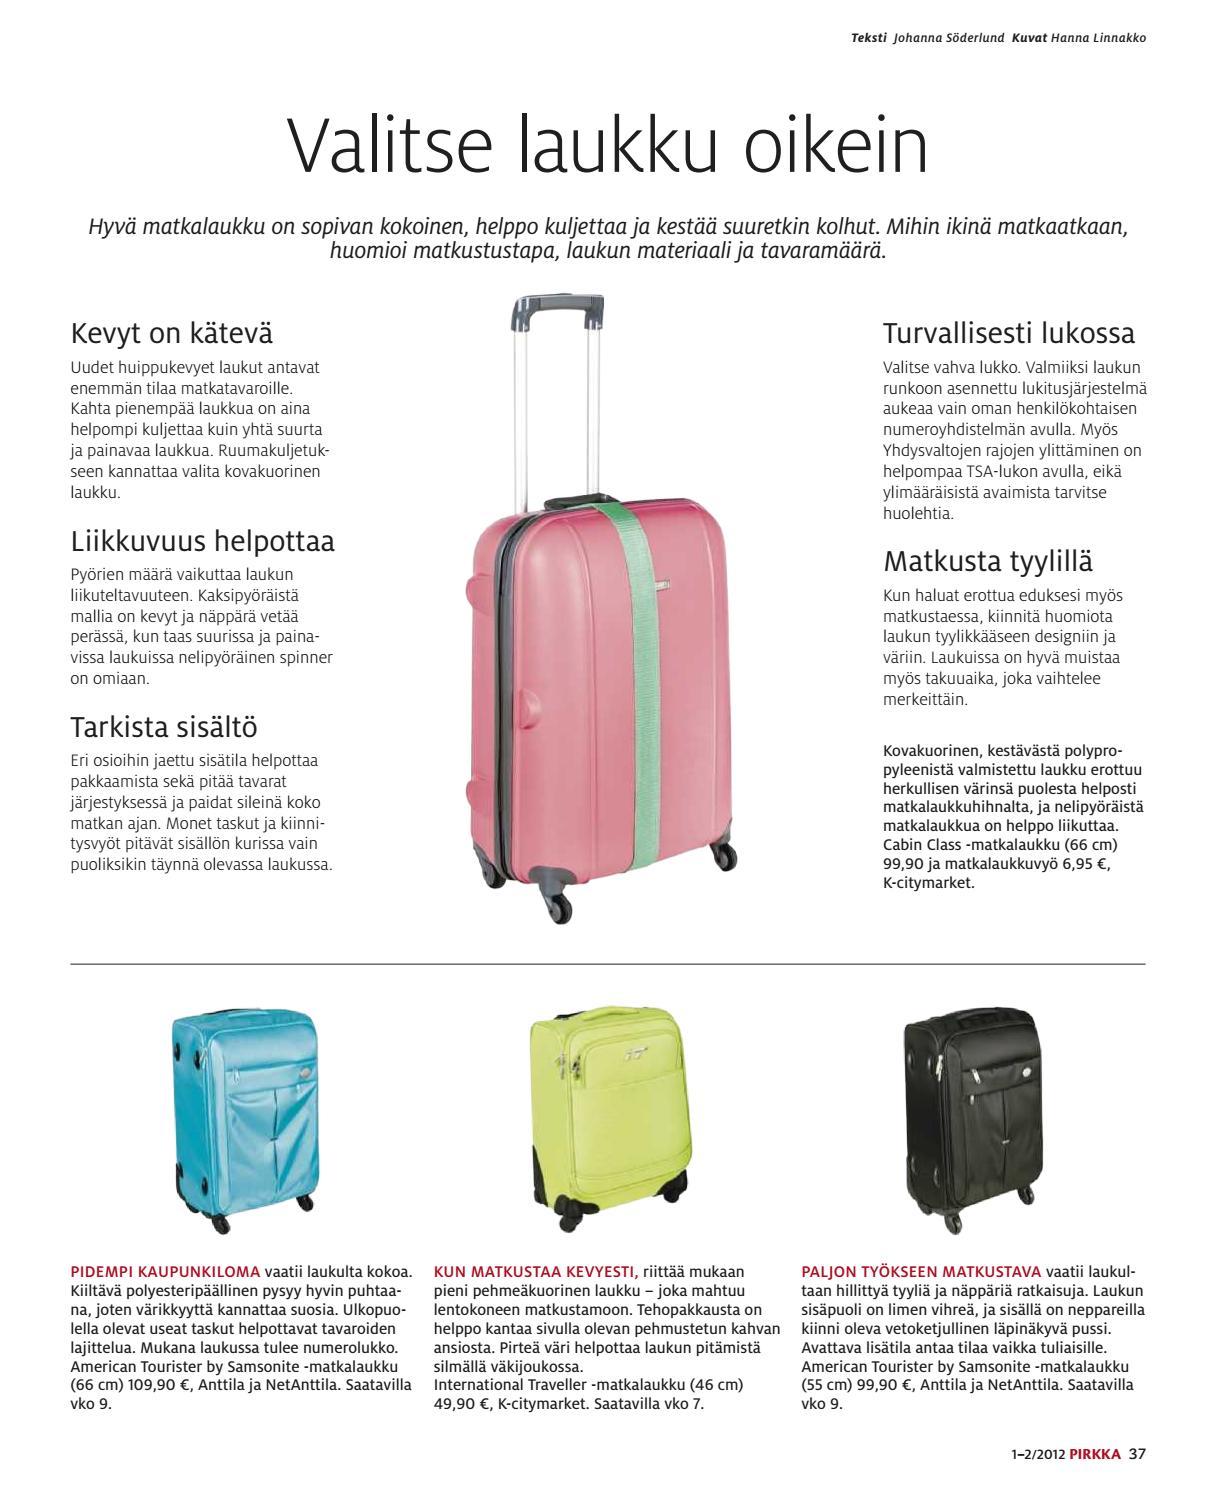 Mitä Suomi tekee matkustusrajoituksille? Korona yltyi Euroopan maissa, joista voi tulla Suomeen ilman karanteenia